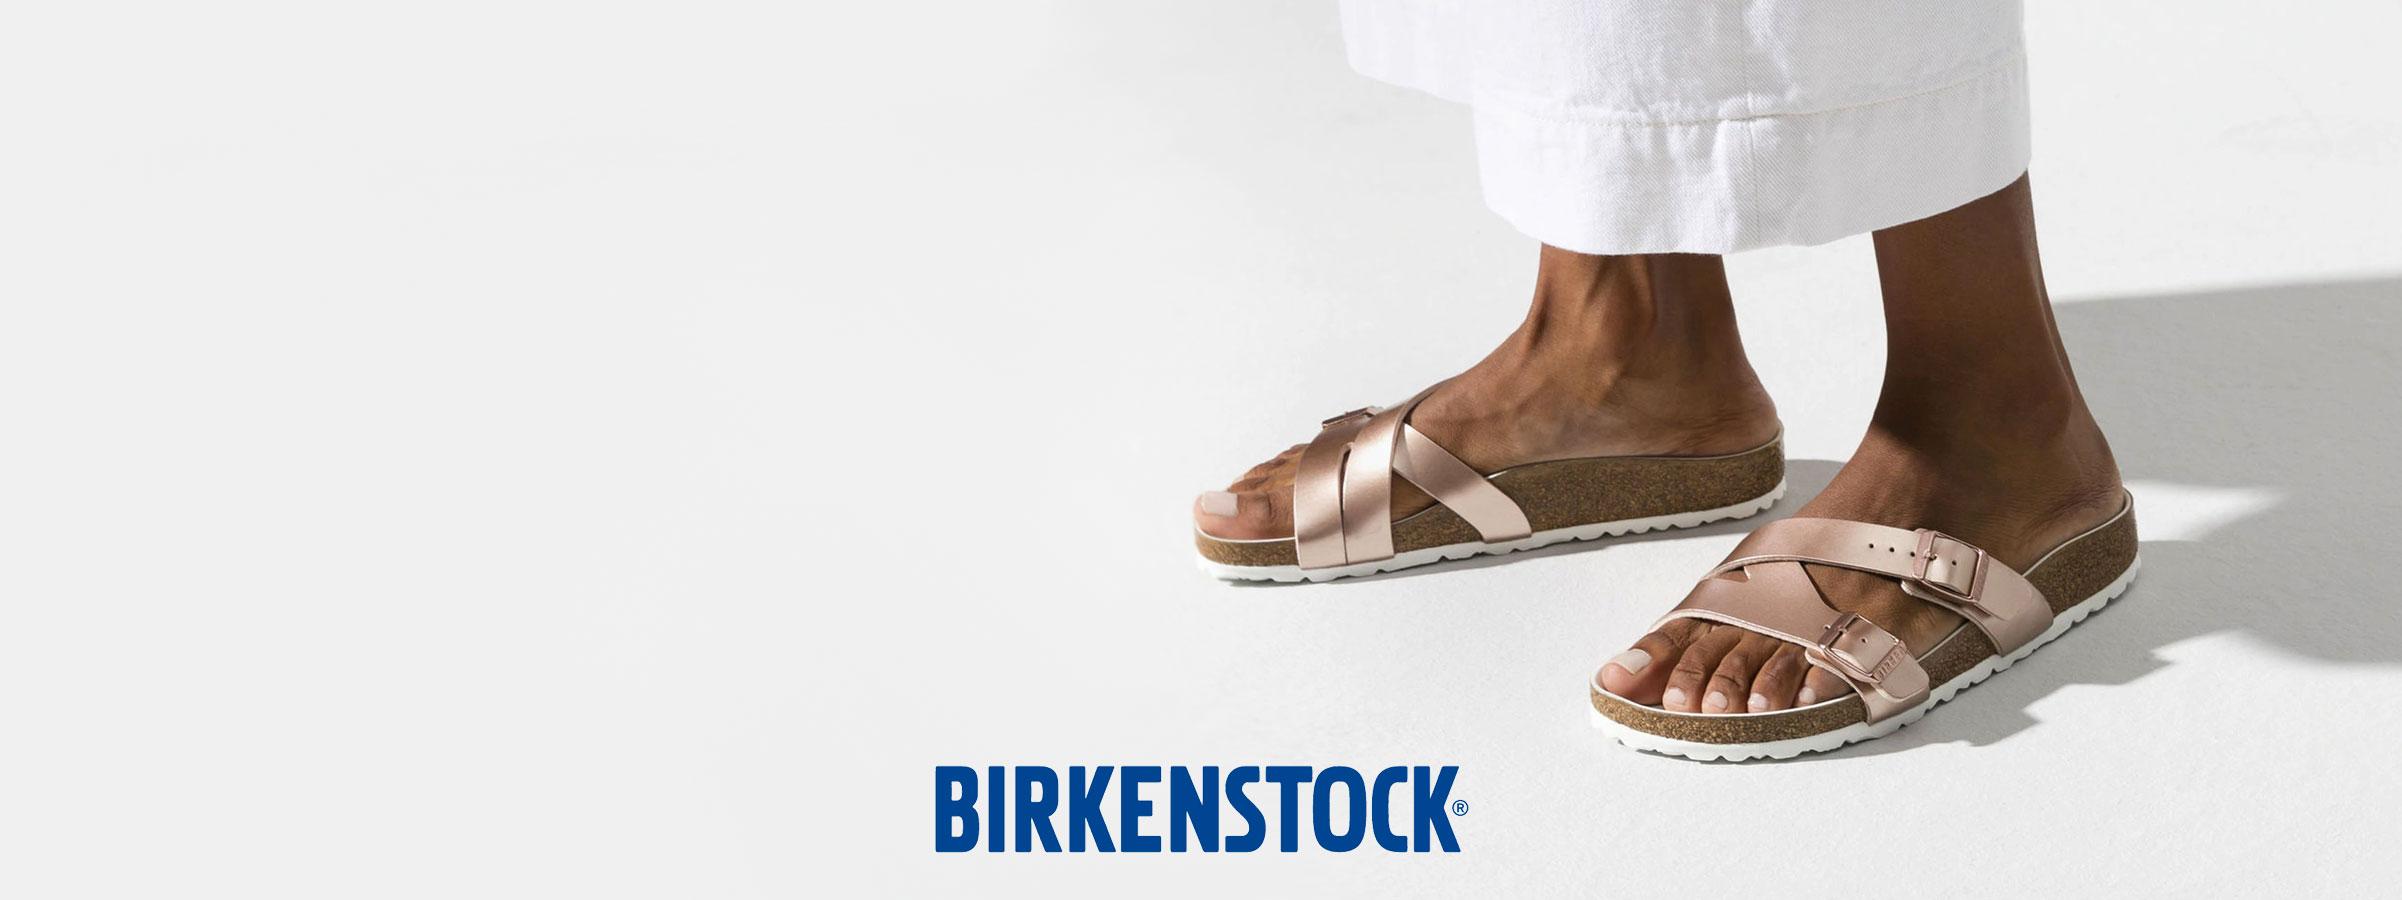 birkenstock-brand-banner-summer-19.jpg